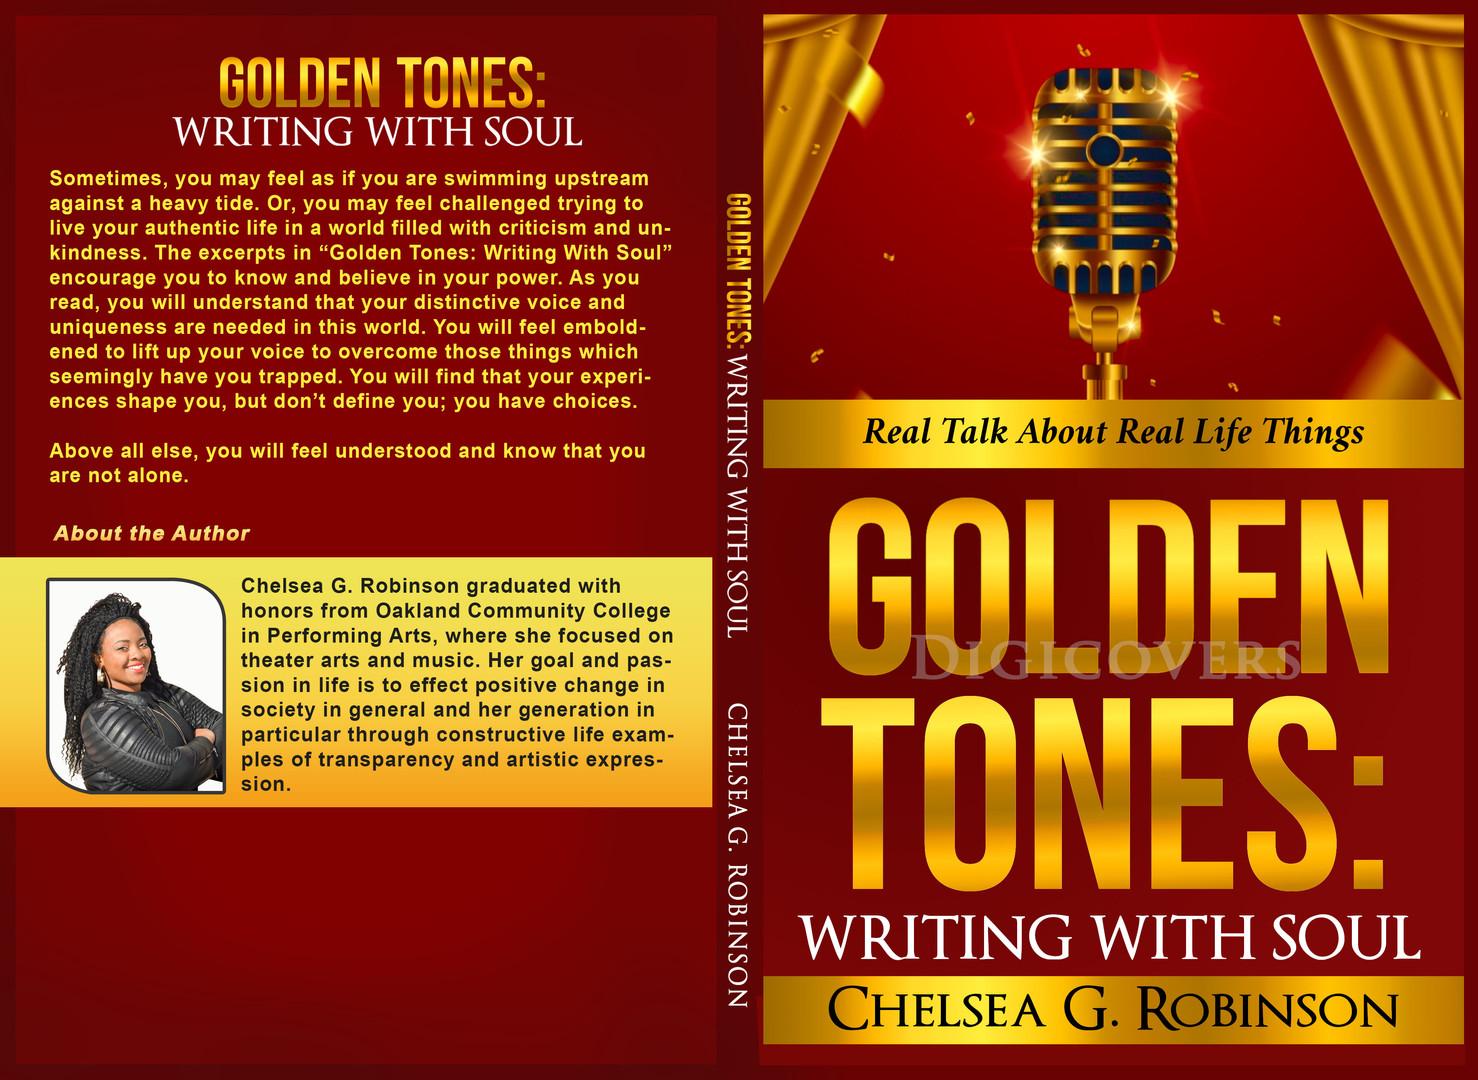 chelsea full book cover.jpg